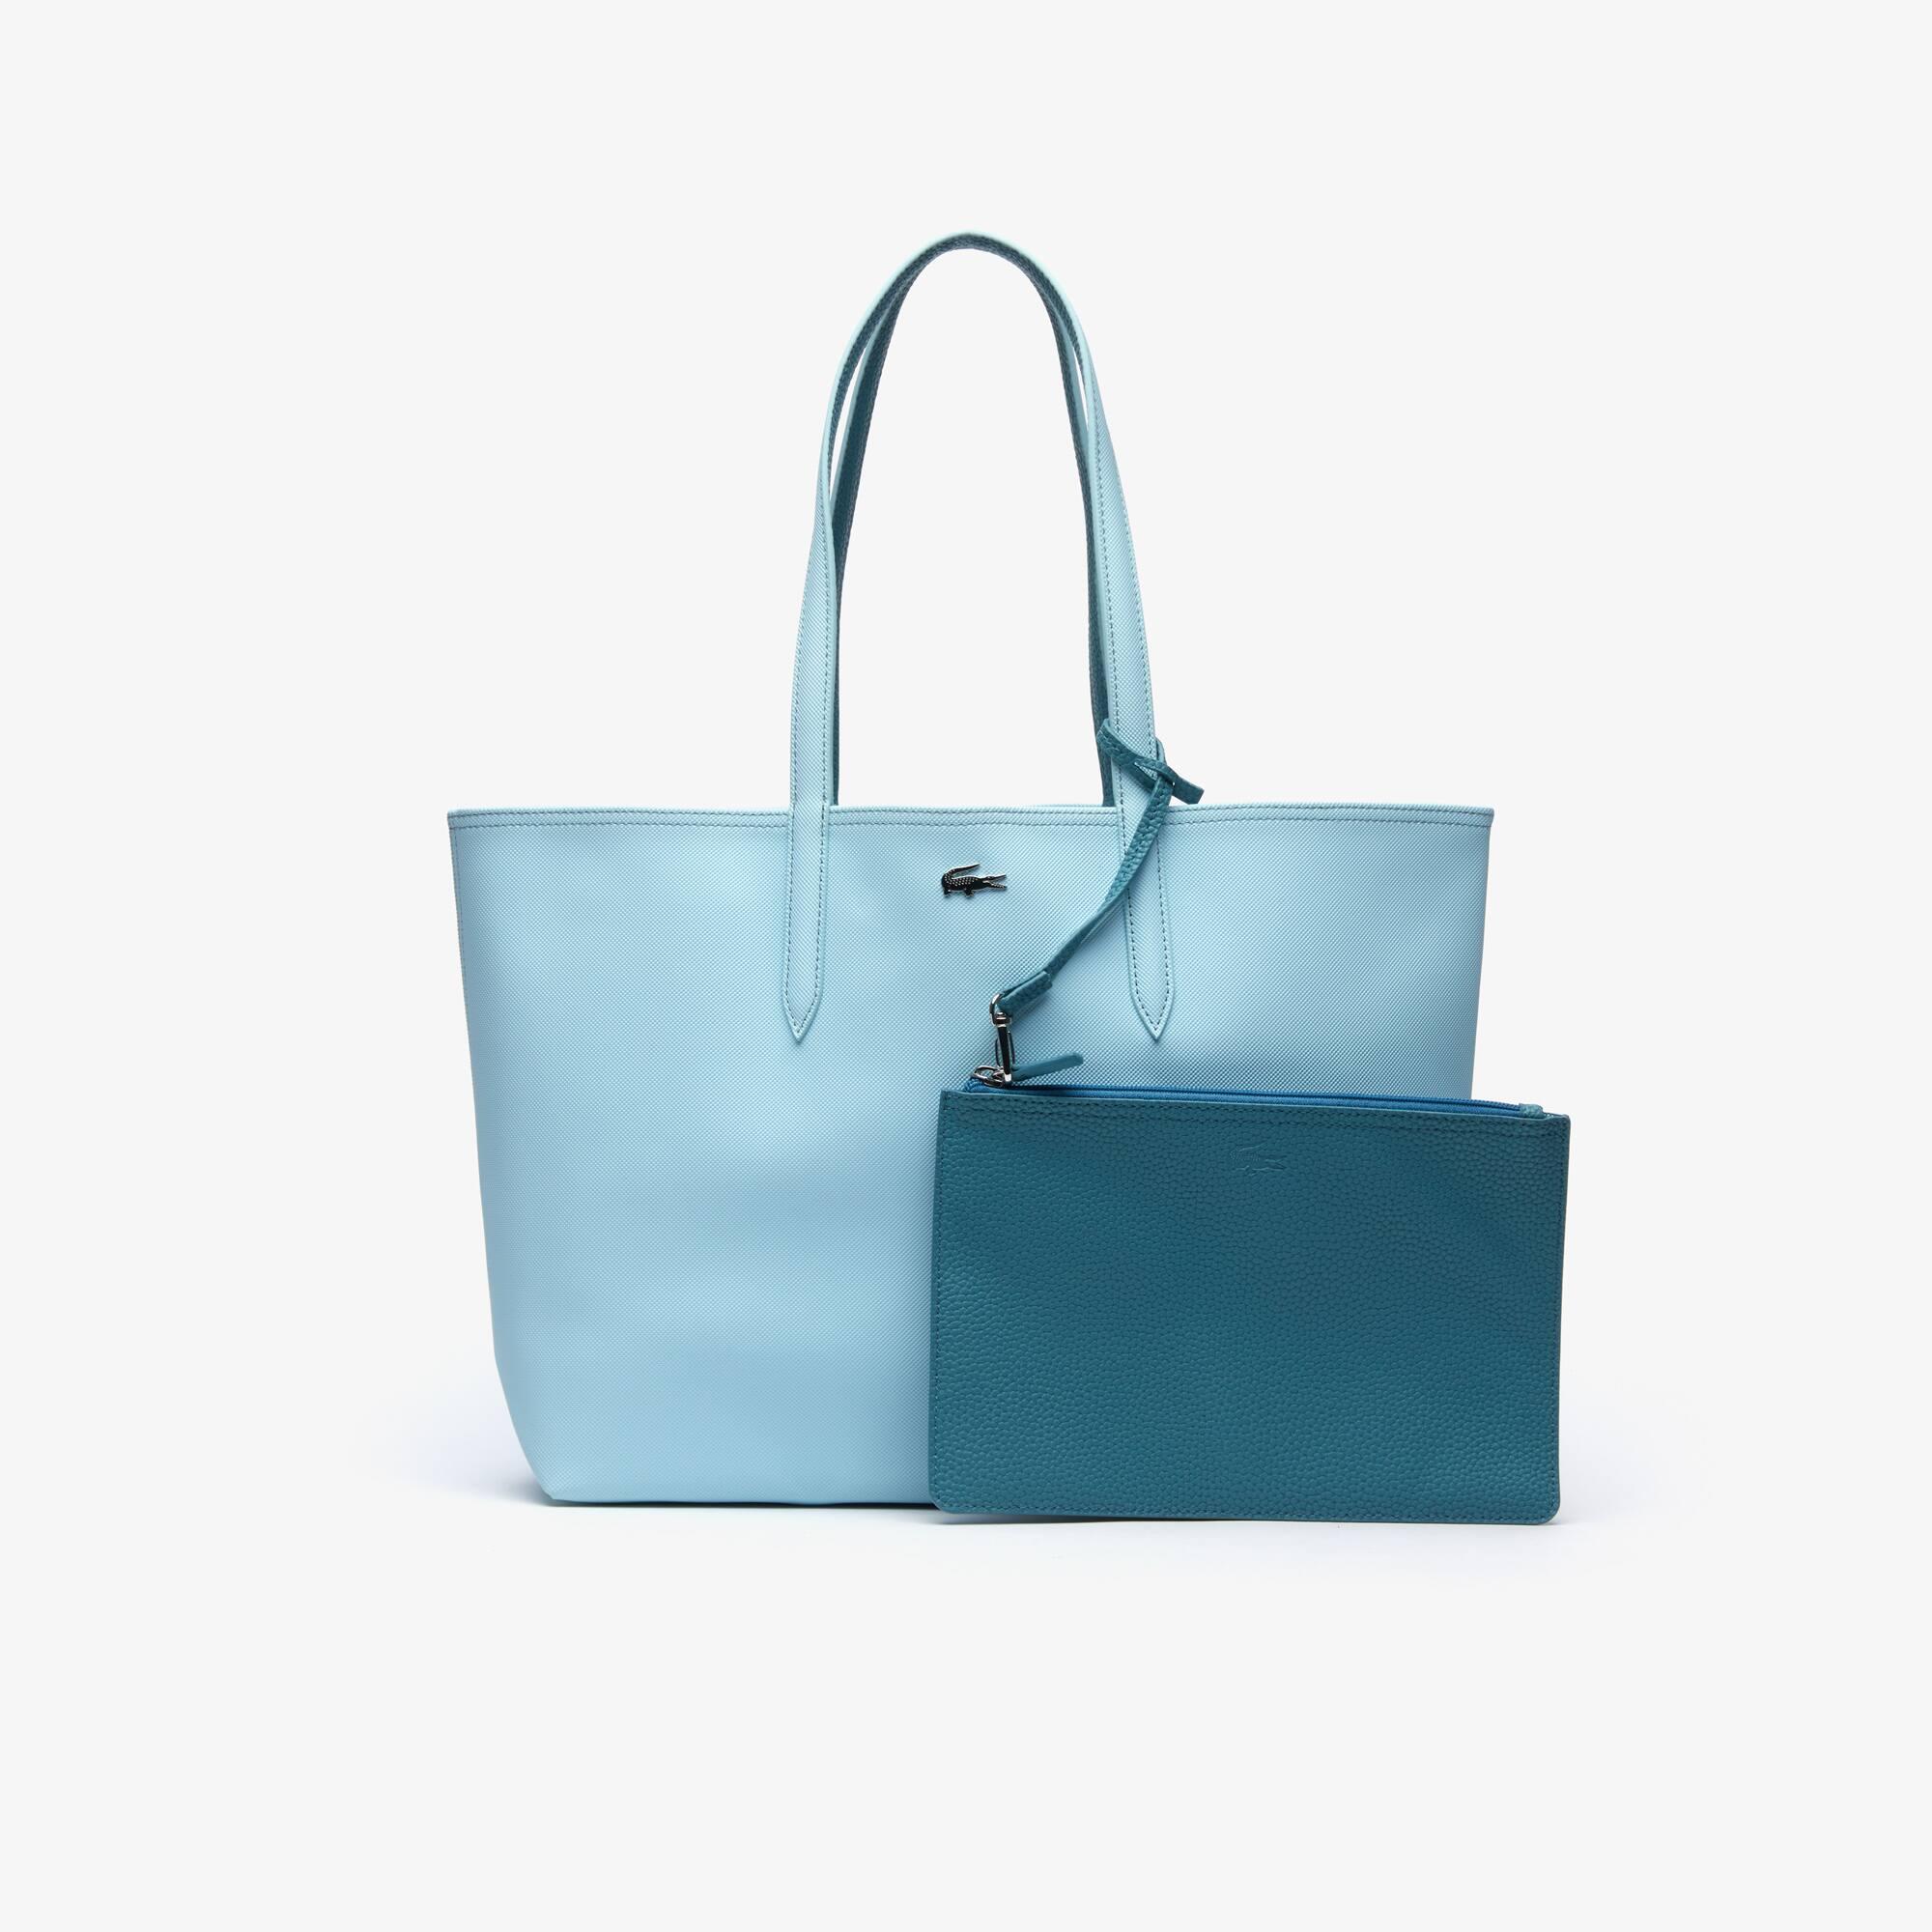 1f1199f739e2f حقيبة يد نسائية تُحمل على الوجهين ذو اللونين المختلفين من مجموعة Anna